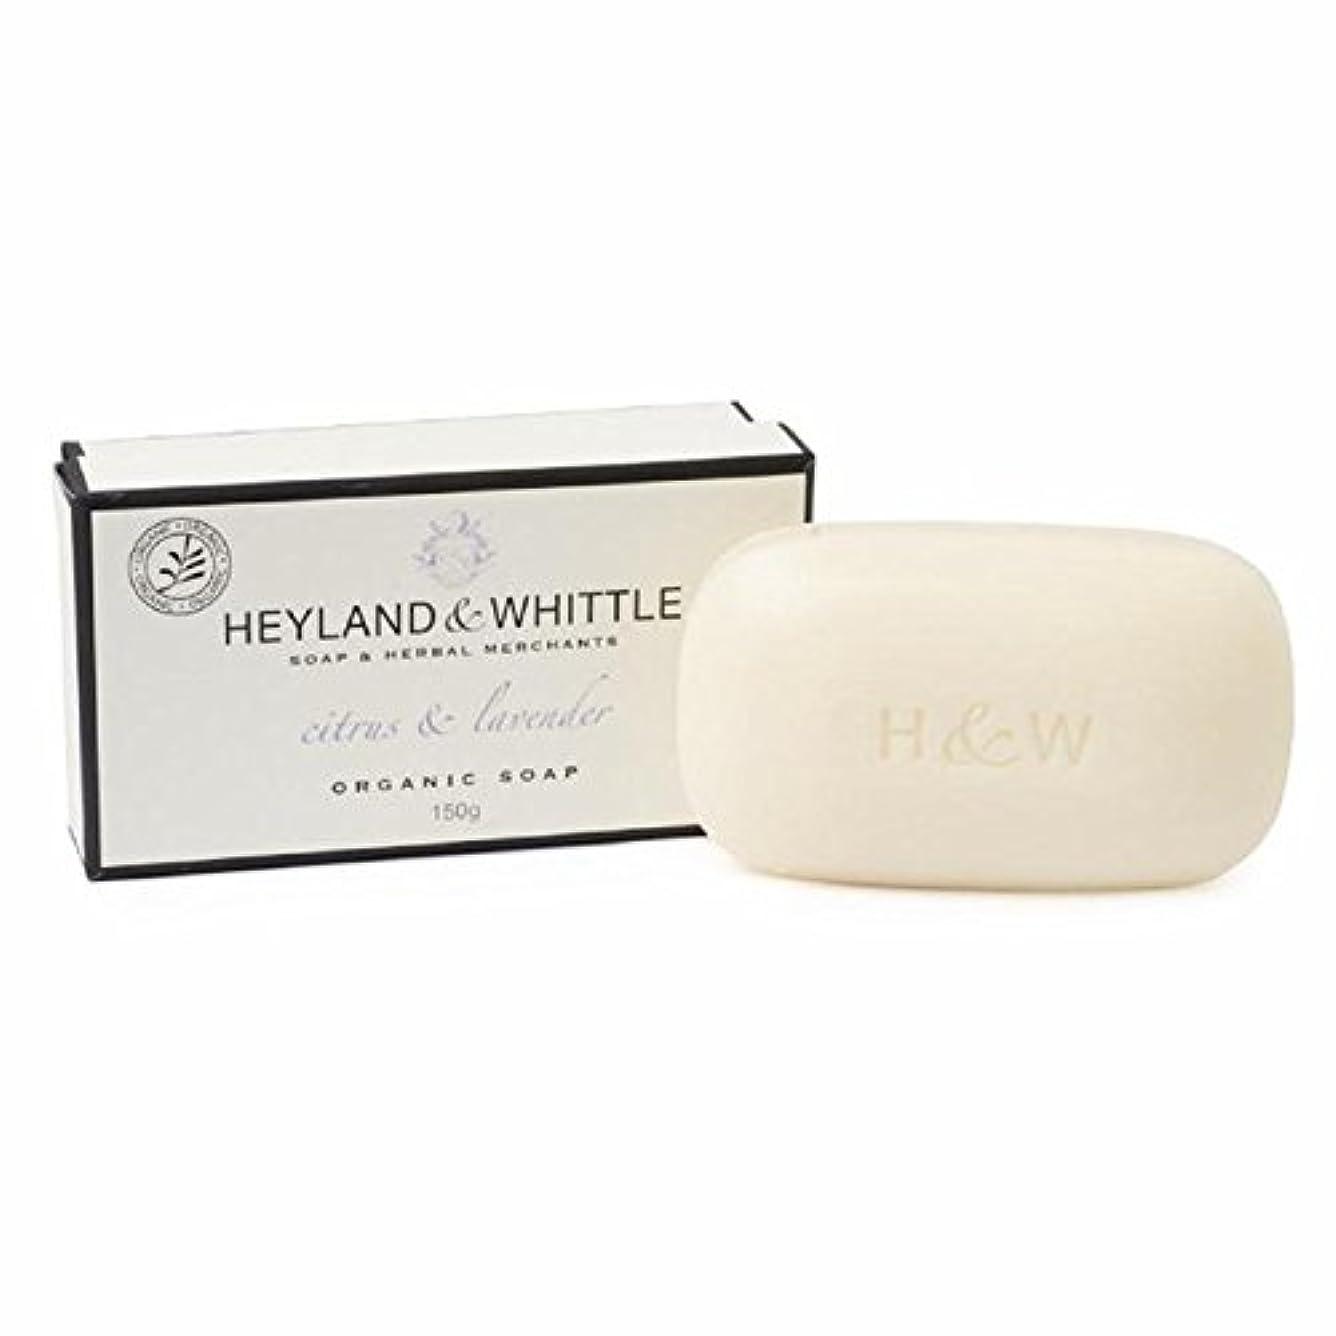 考古学ペチュランス飽和する&削るシトラス&ラベンダーは、有機石鹸150グラム箱入り x2 - Heyland & Whittle Citrus & Lavender Boxed Organic Soap 150g (Pack of 2) [並行輸入品]